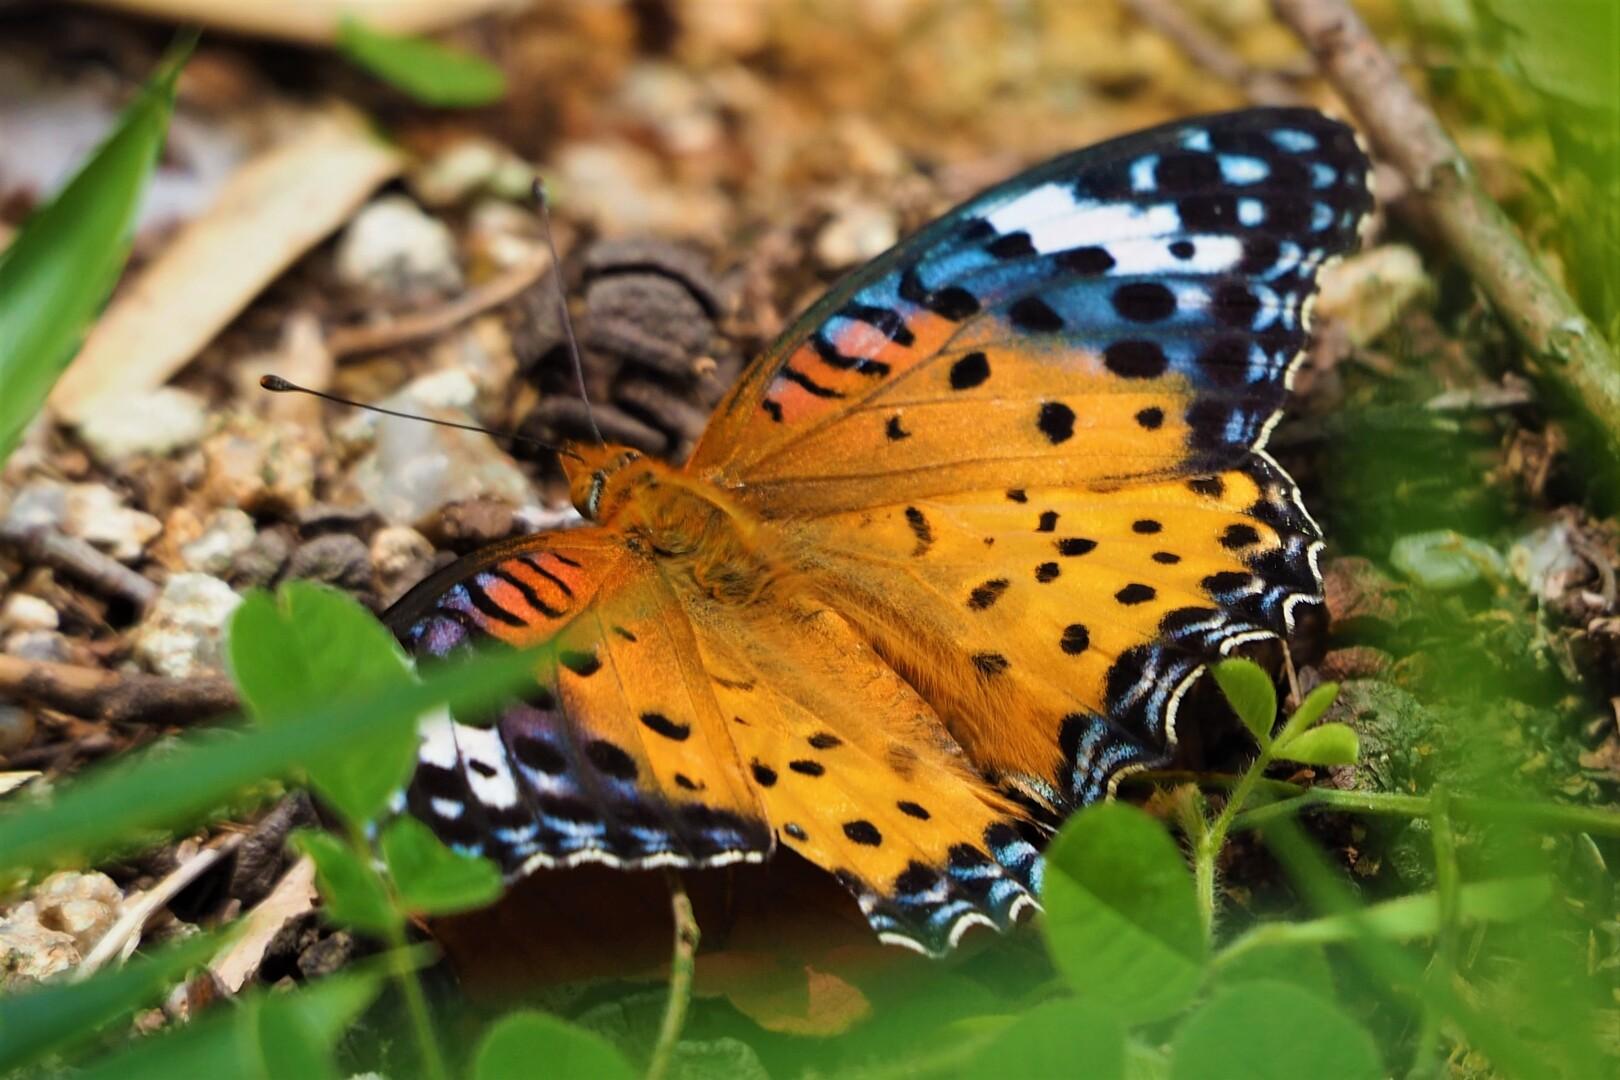 ヒョウモンチョウさん。<br> 蝶が嫌いなアナタ、よく見るときれいなもんでしょう?🥴